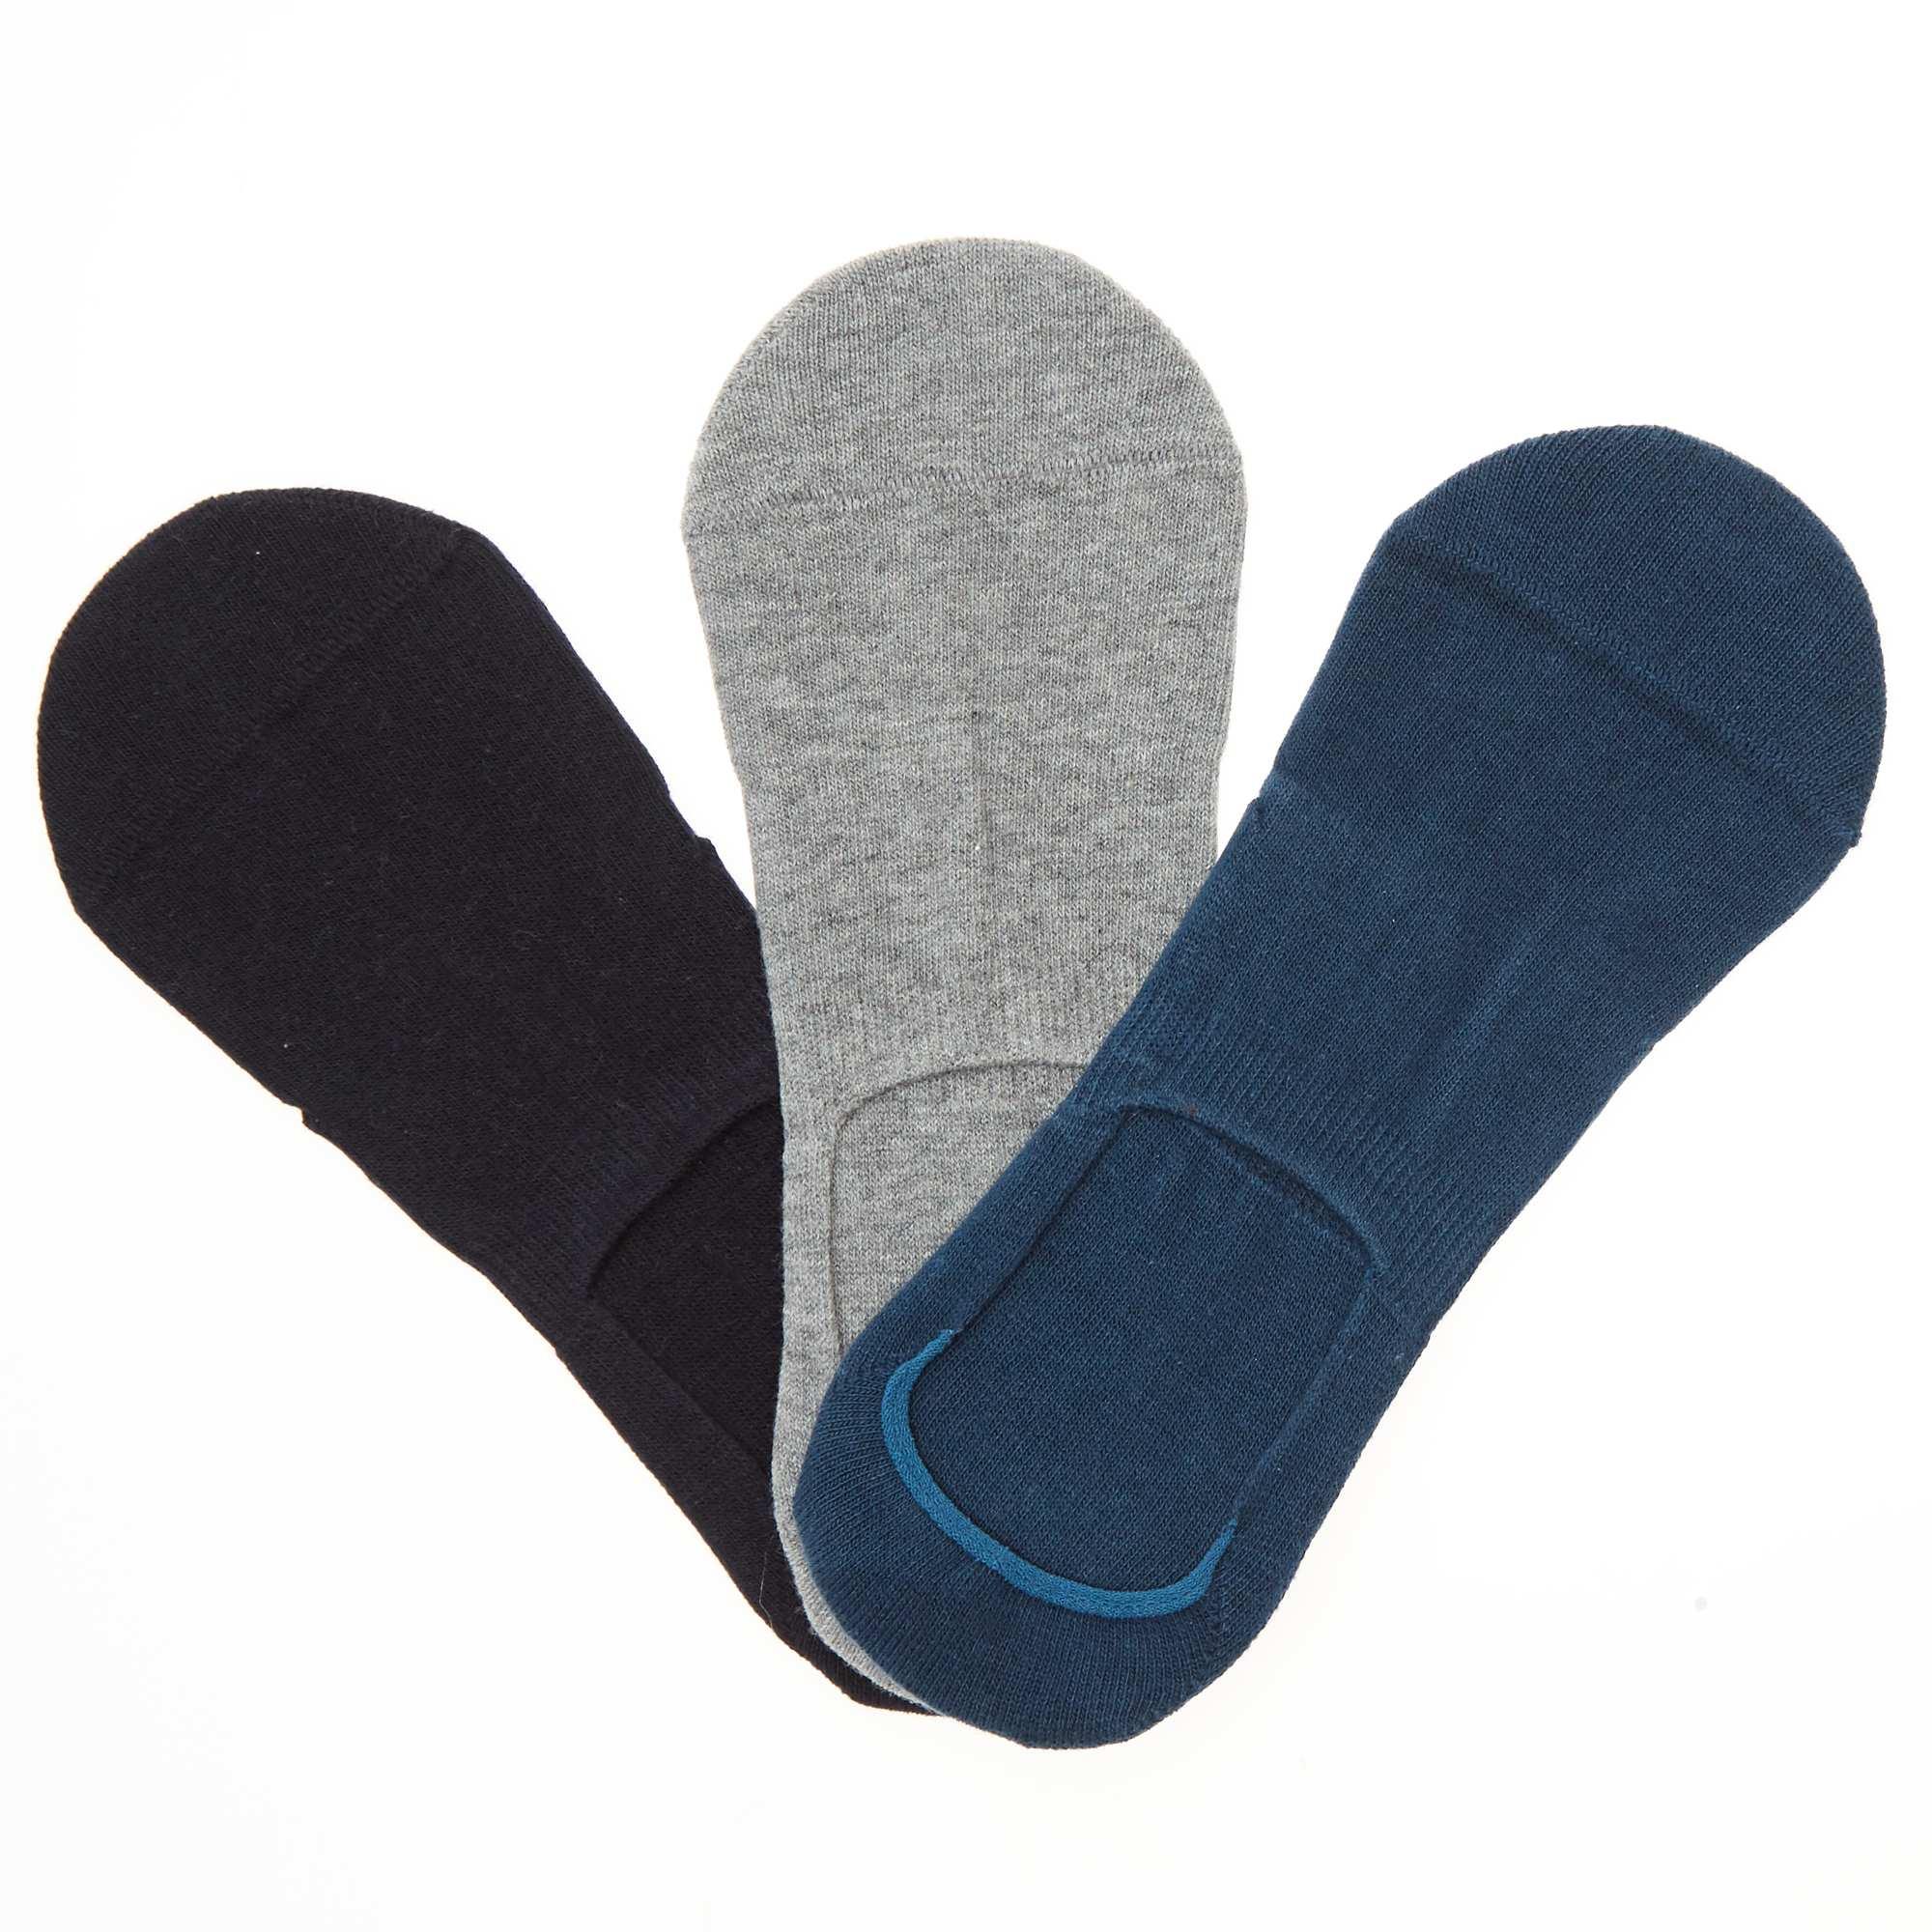 c93020a6b29 Lot de 3 paires de chaussettes invisibles Homme - bleu gris - Kiabi ...